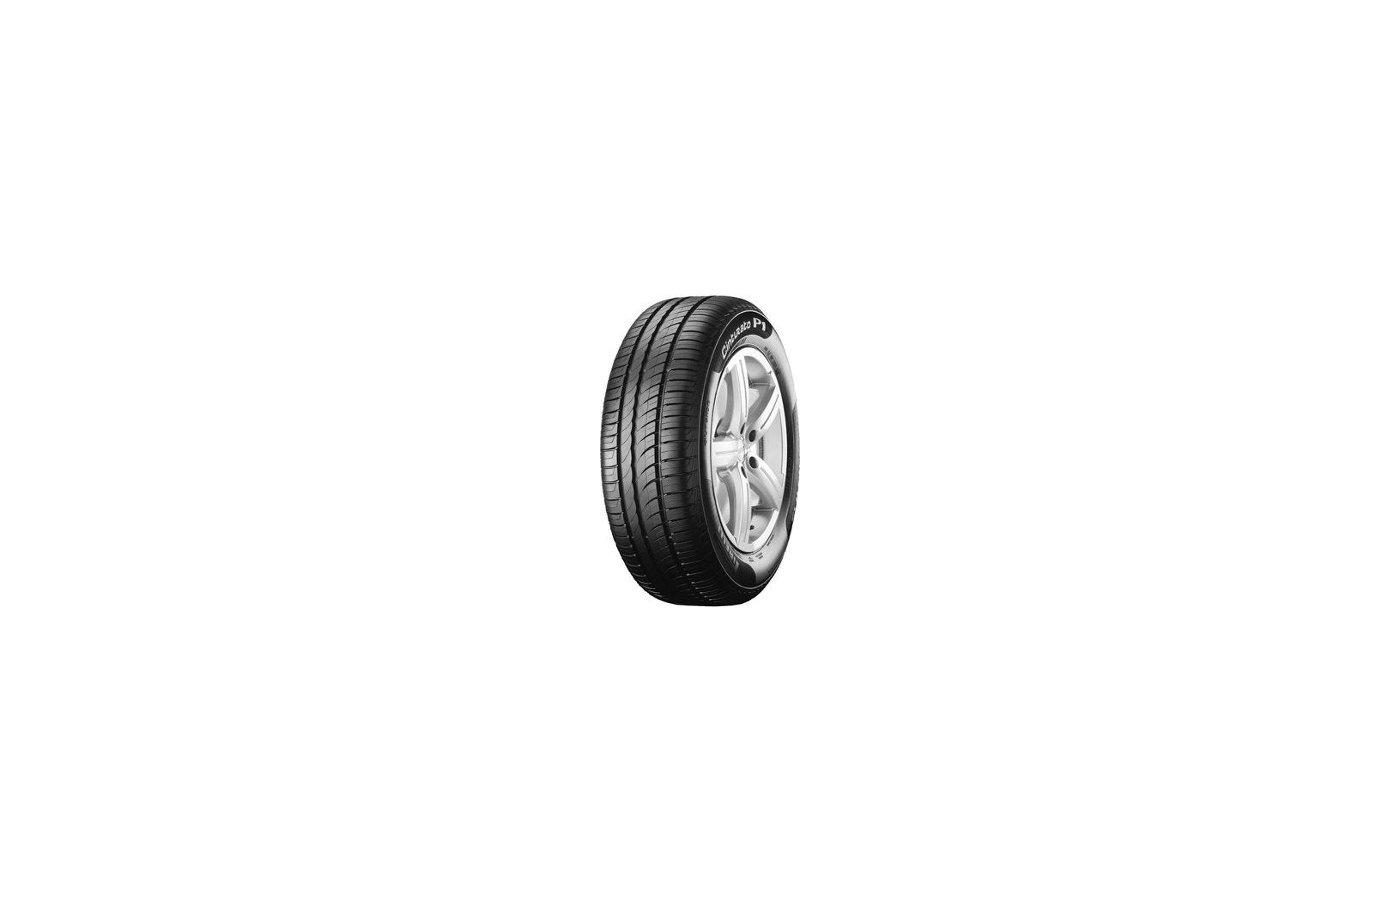 Шина Pirelli Cinturato P1 Verde 175/65 R14 TL 82T